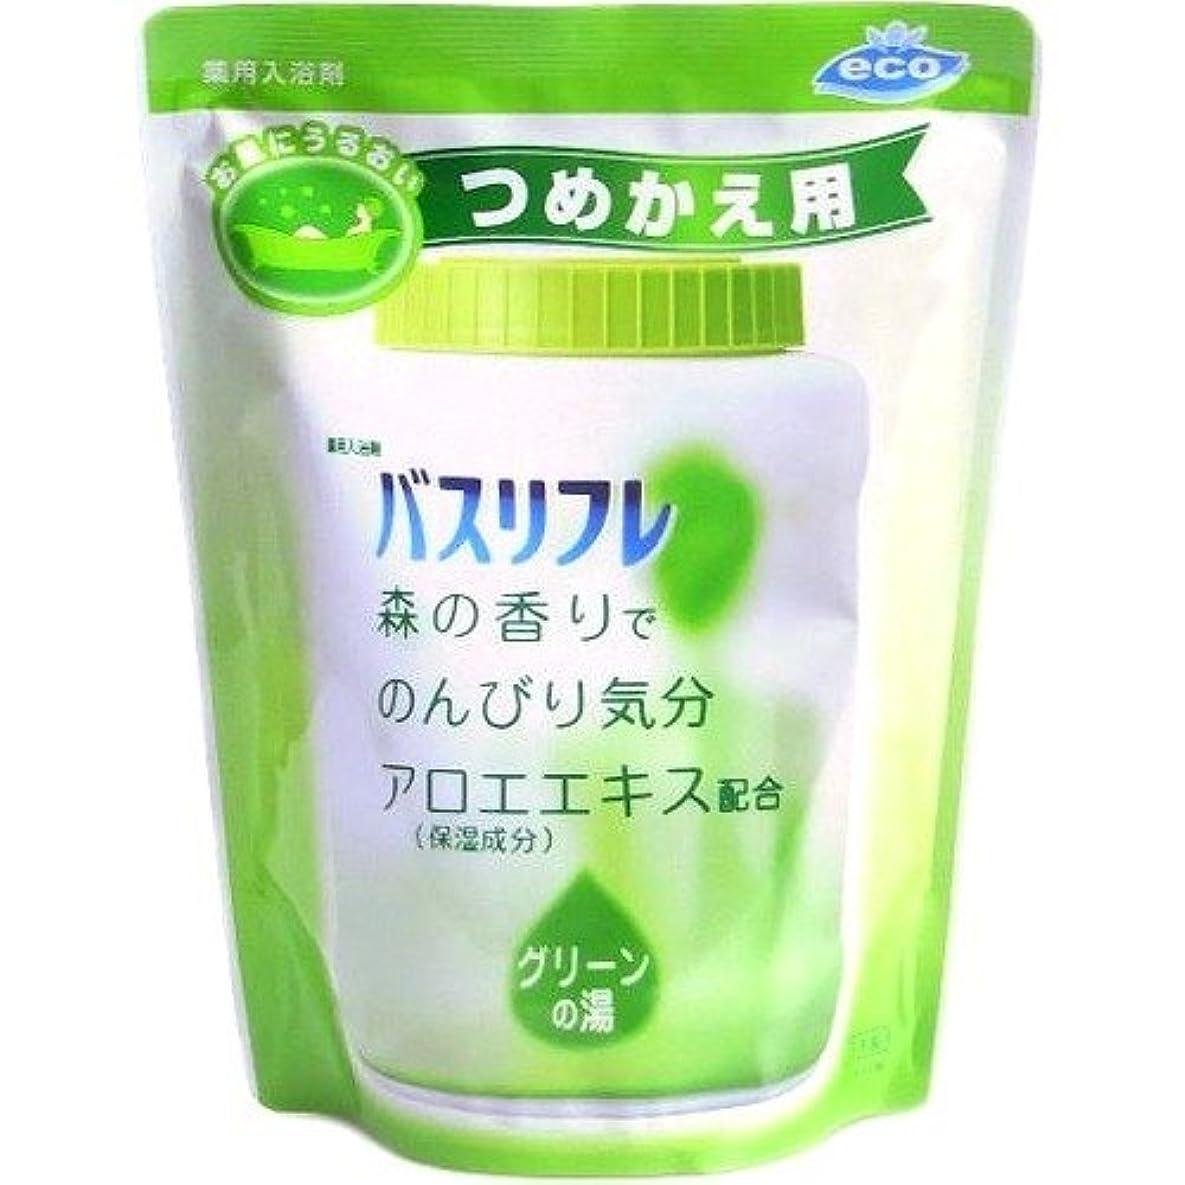 航空ダウン挑む薬用入浴剤 バスリフレ グリーンの湯 つめかえ用 540g 森の香り (ライオンケミカル)